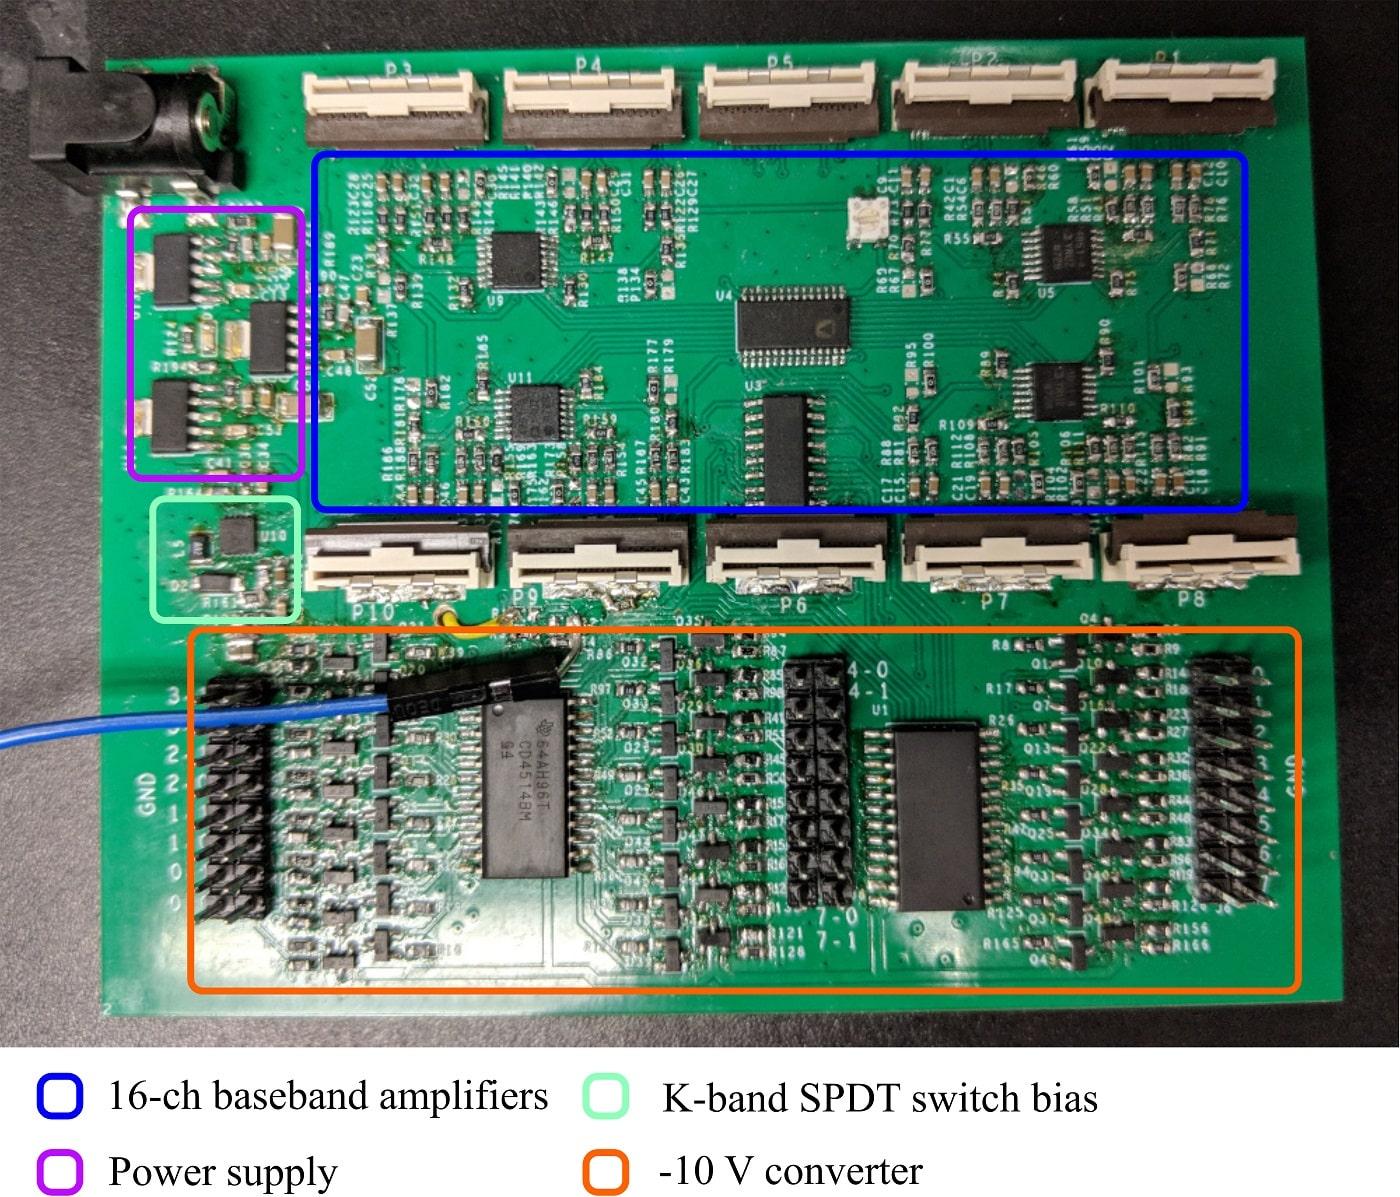 Fig. 4. Photo of the baseband board